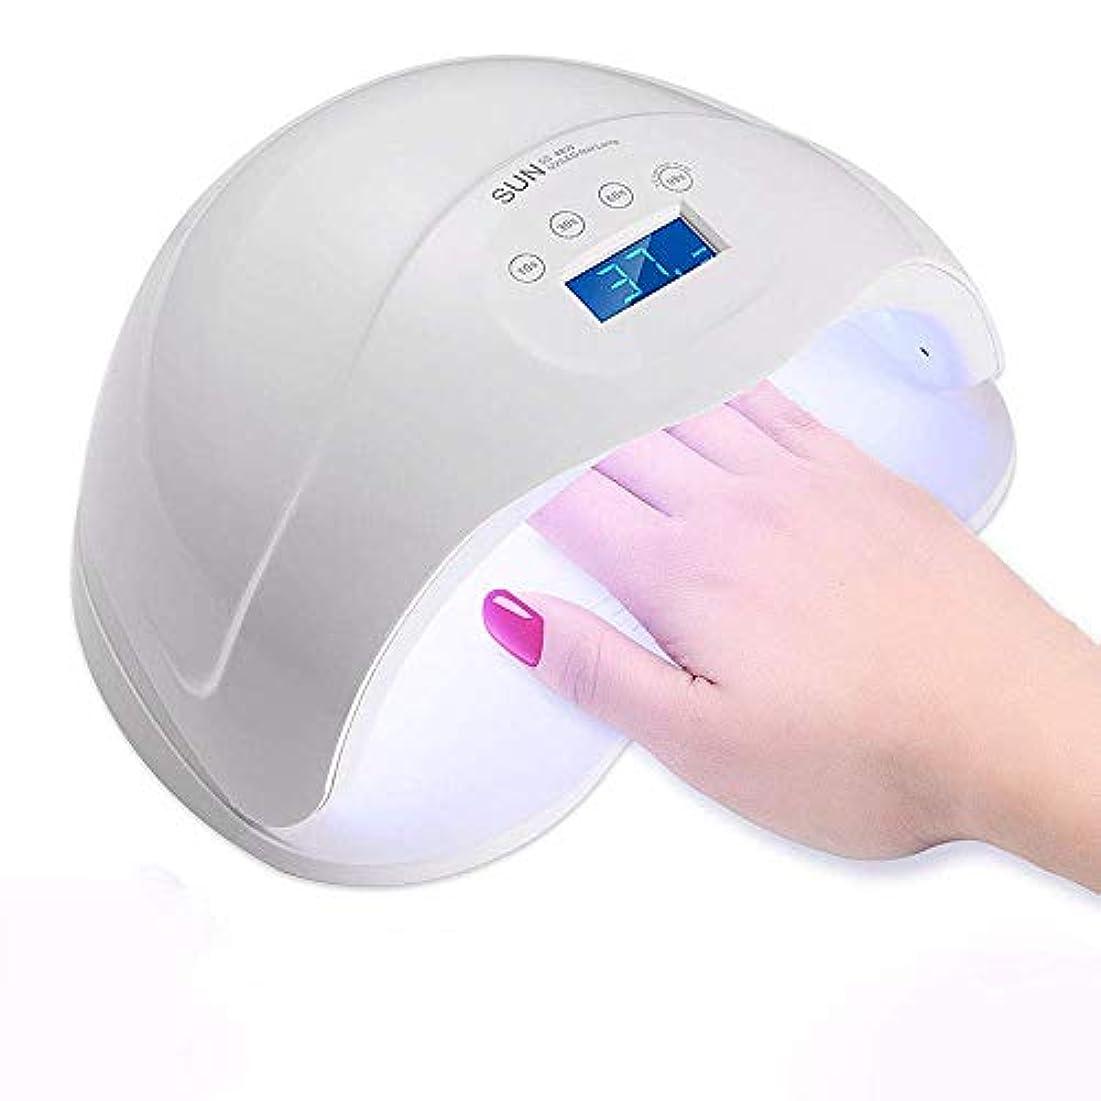 強風首相スクラッチ48W UVネイルランプスマートセンサー速乾性痛みのないモードLEDネイルドライヤー4タイマー設定&24ダブル光源ビーズ